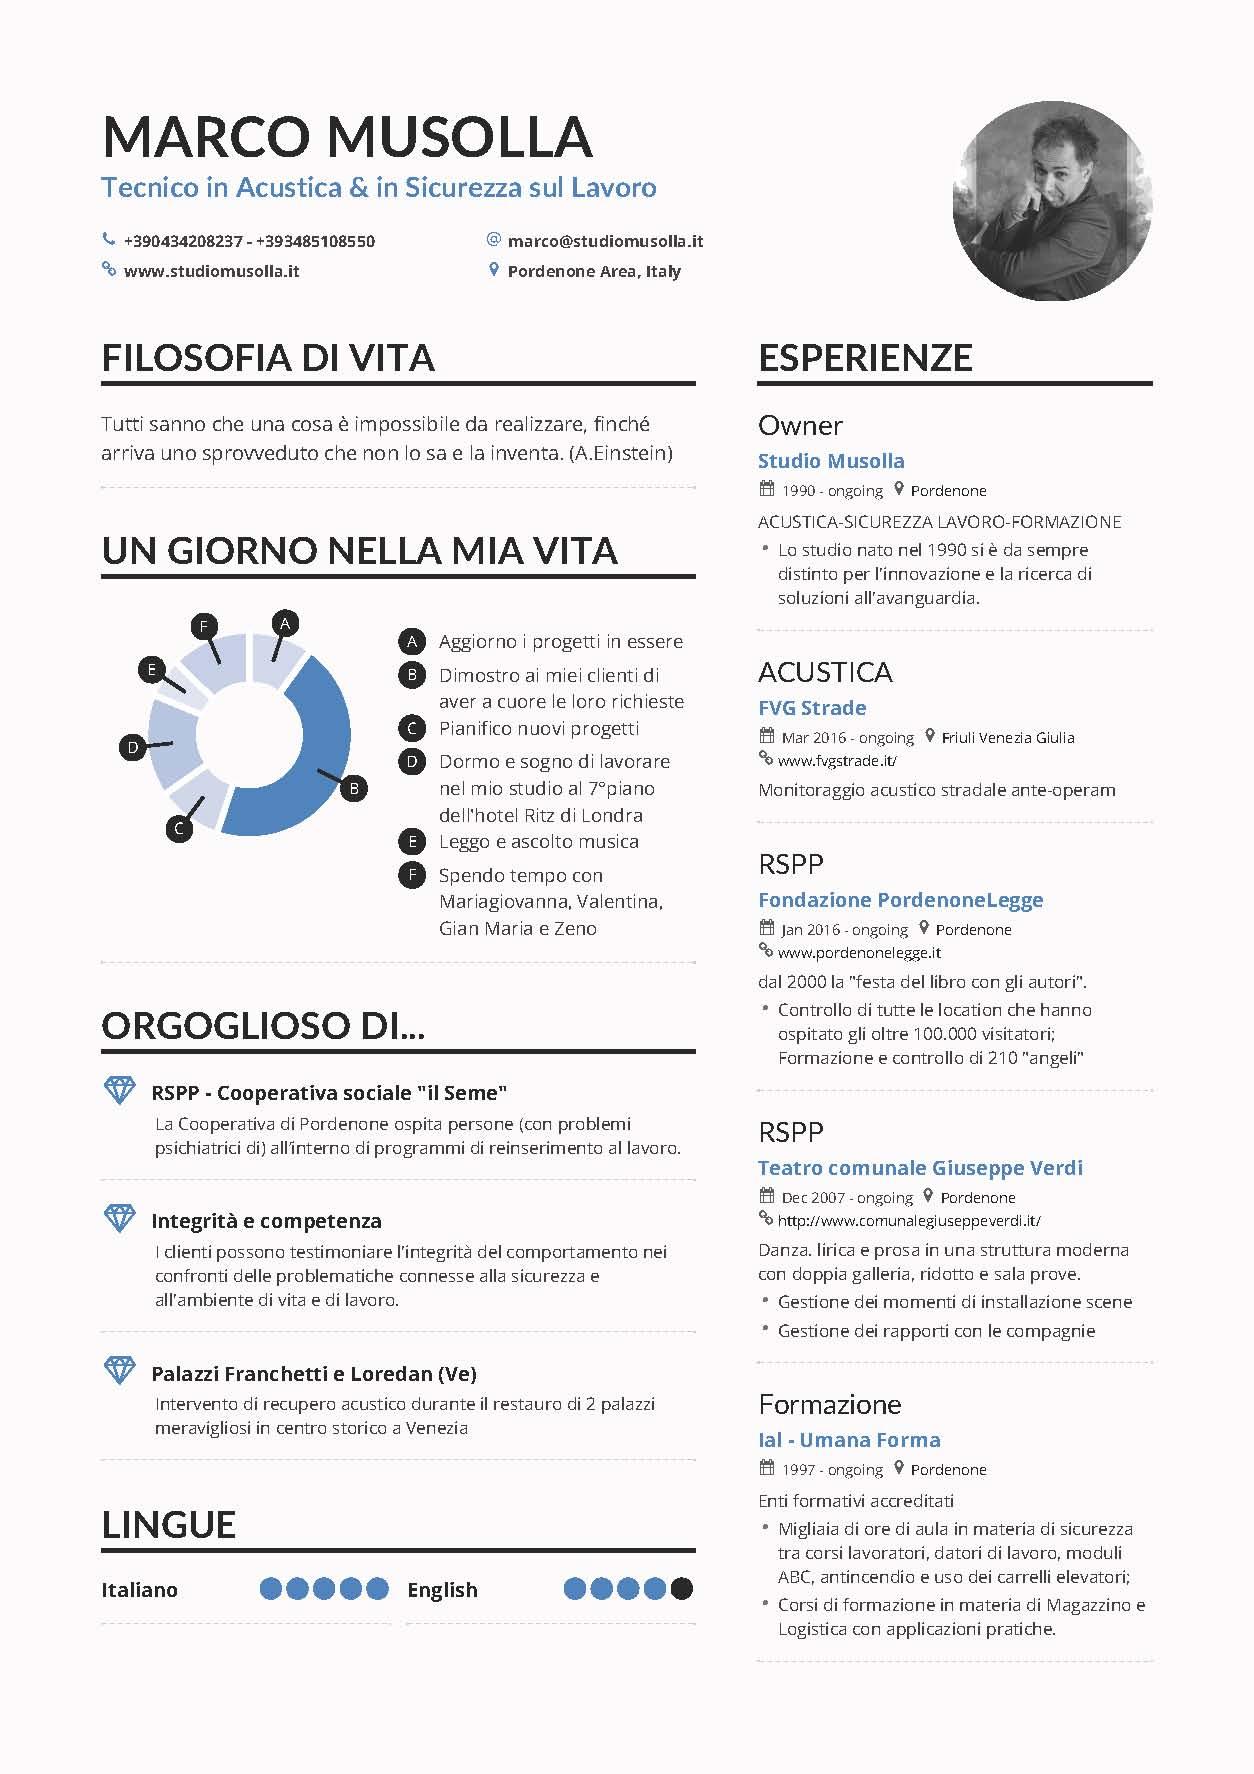 MarcoMusolla CV